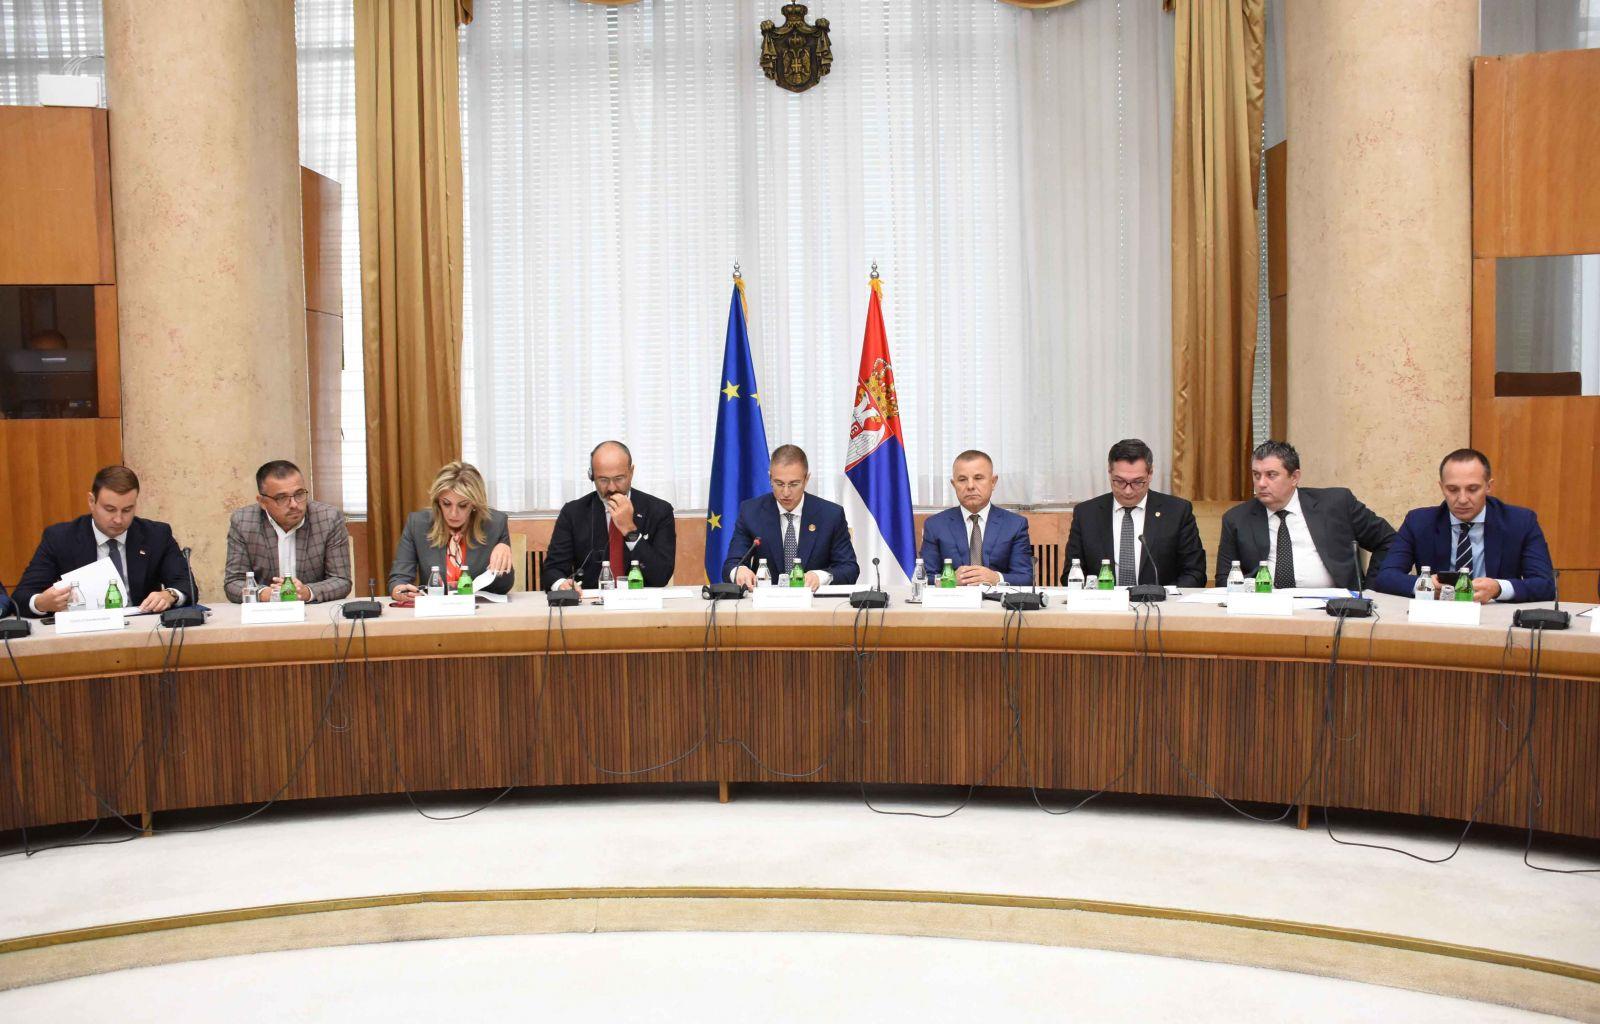 Ј. Јоксимовић: Интегрисано управљање границом – пројекат важан и за Србију и за ЕУ